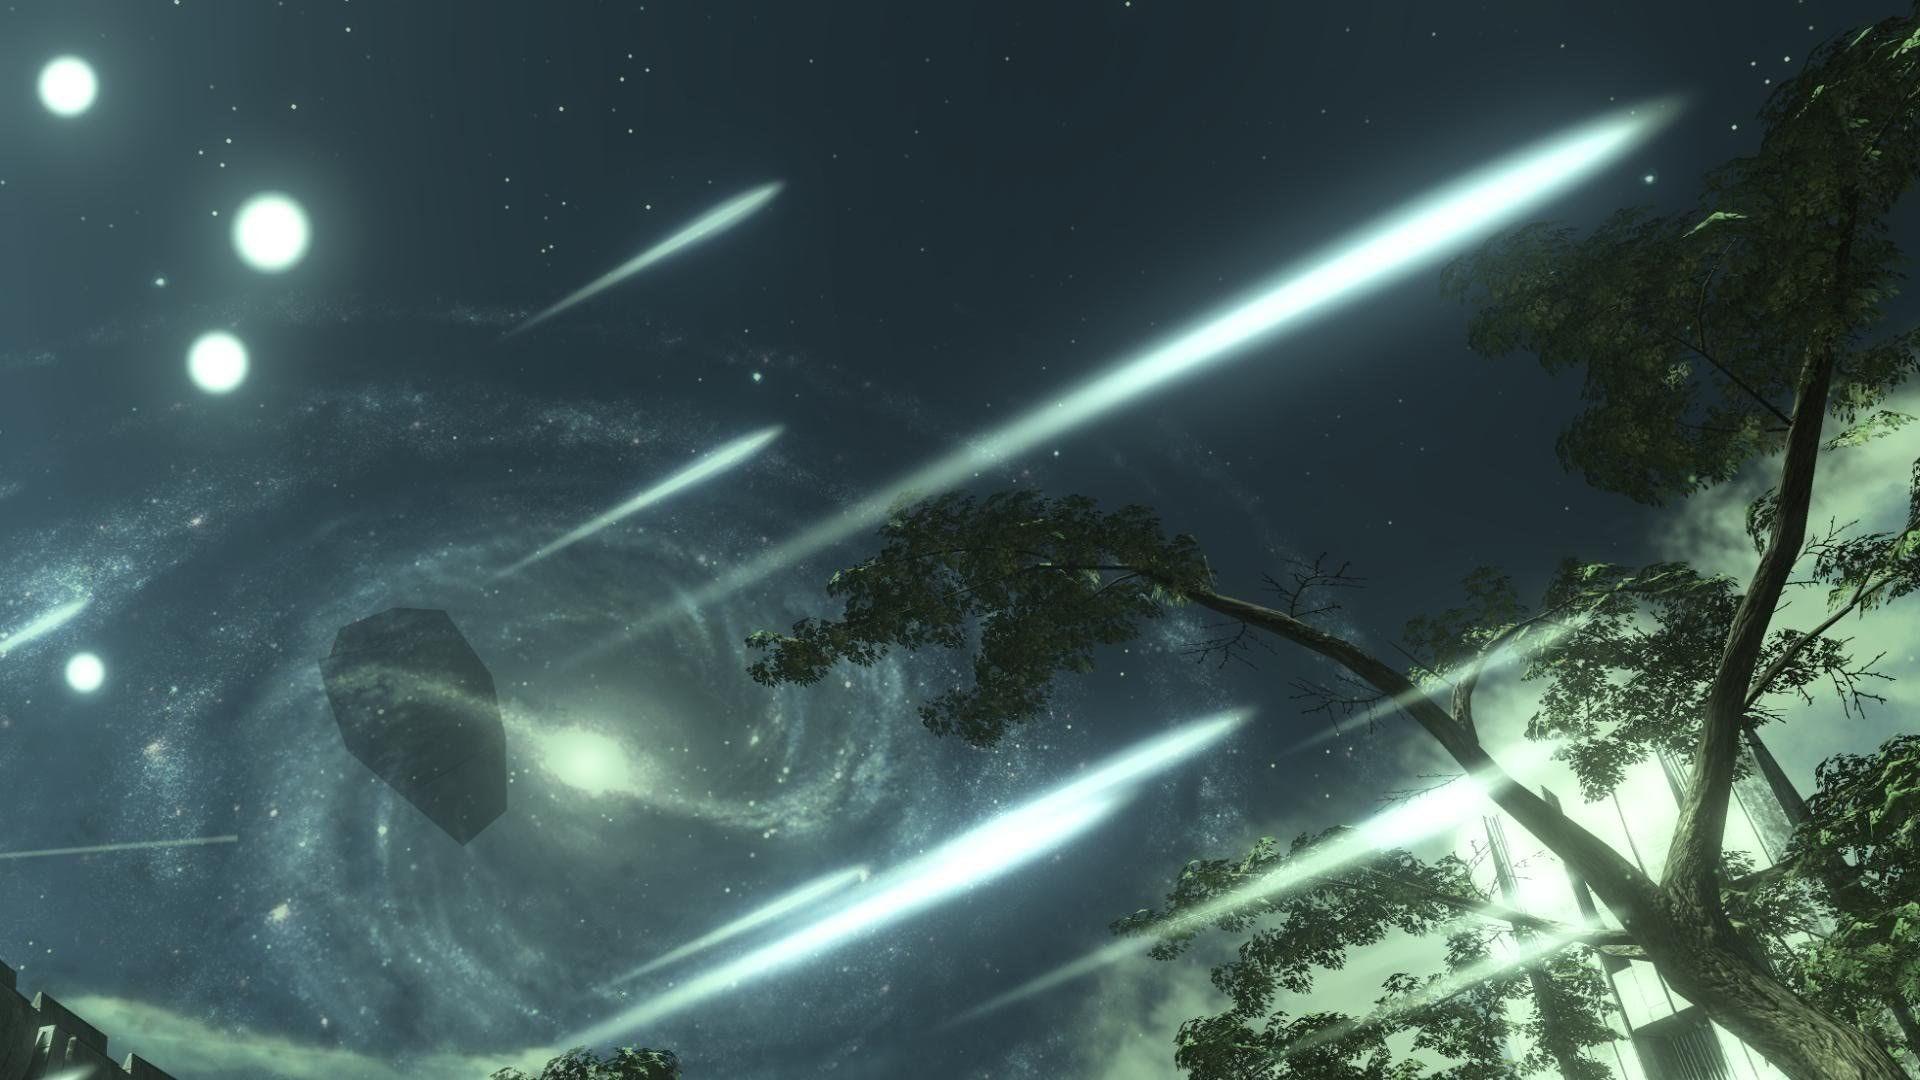 Meteor Shower Wallpaper 490535 - WallDevil